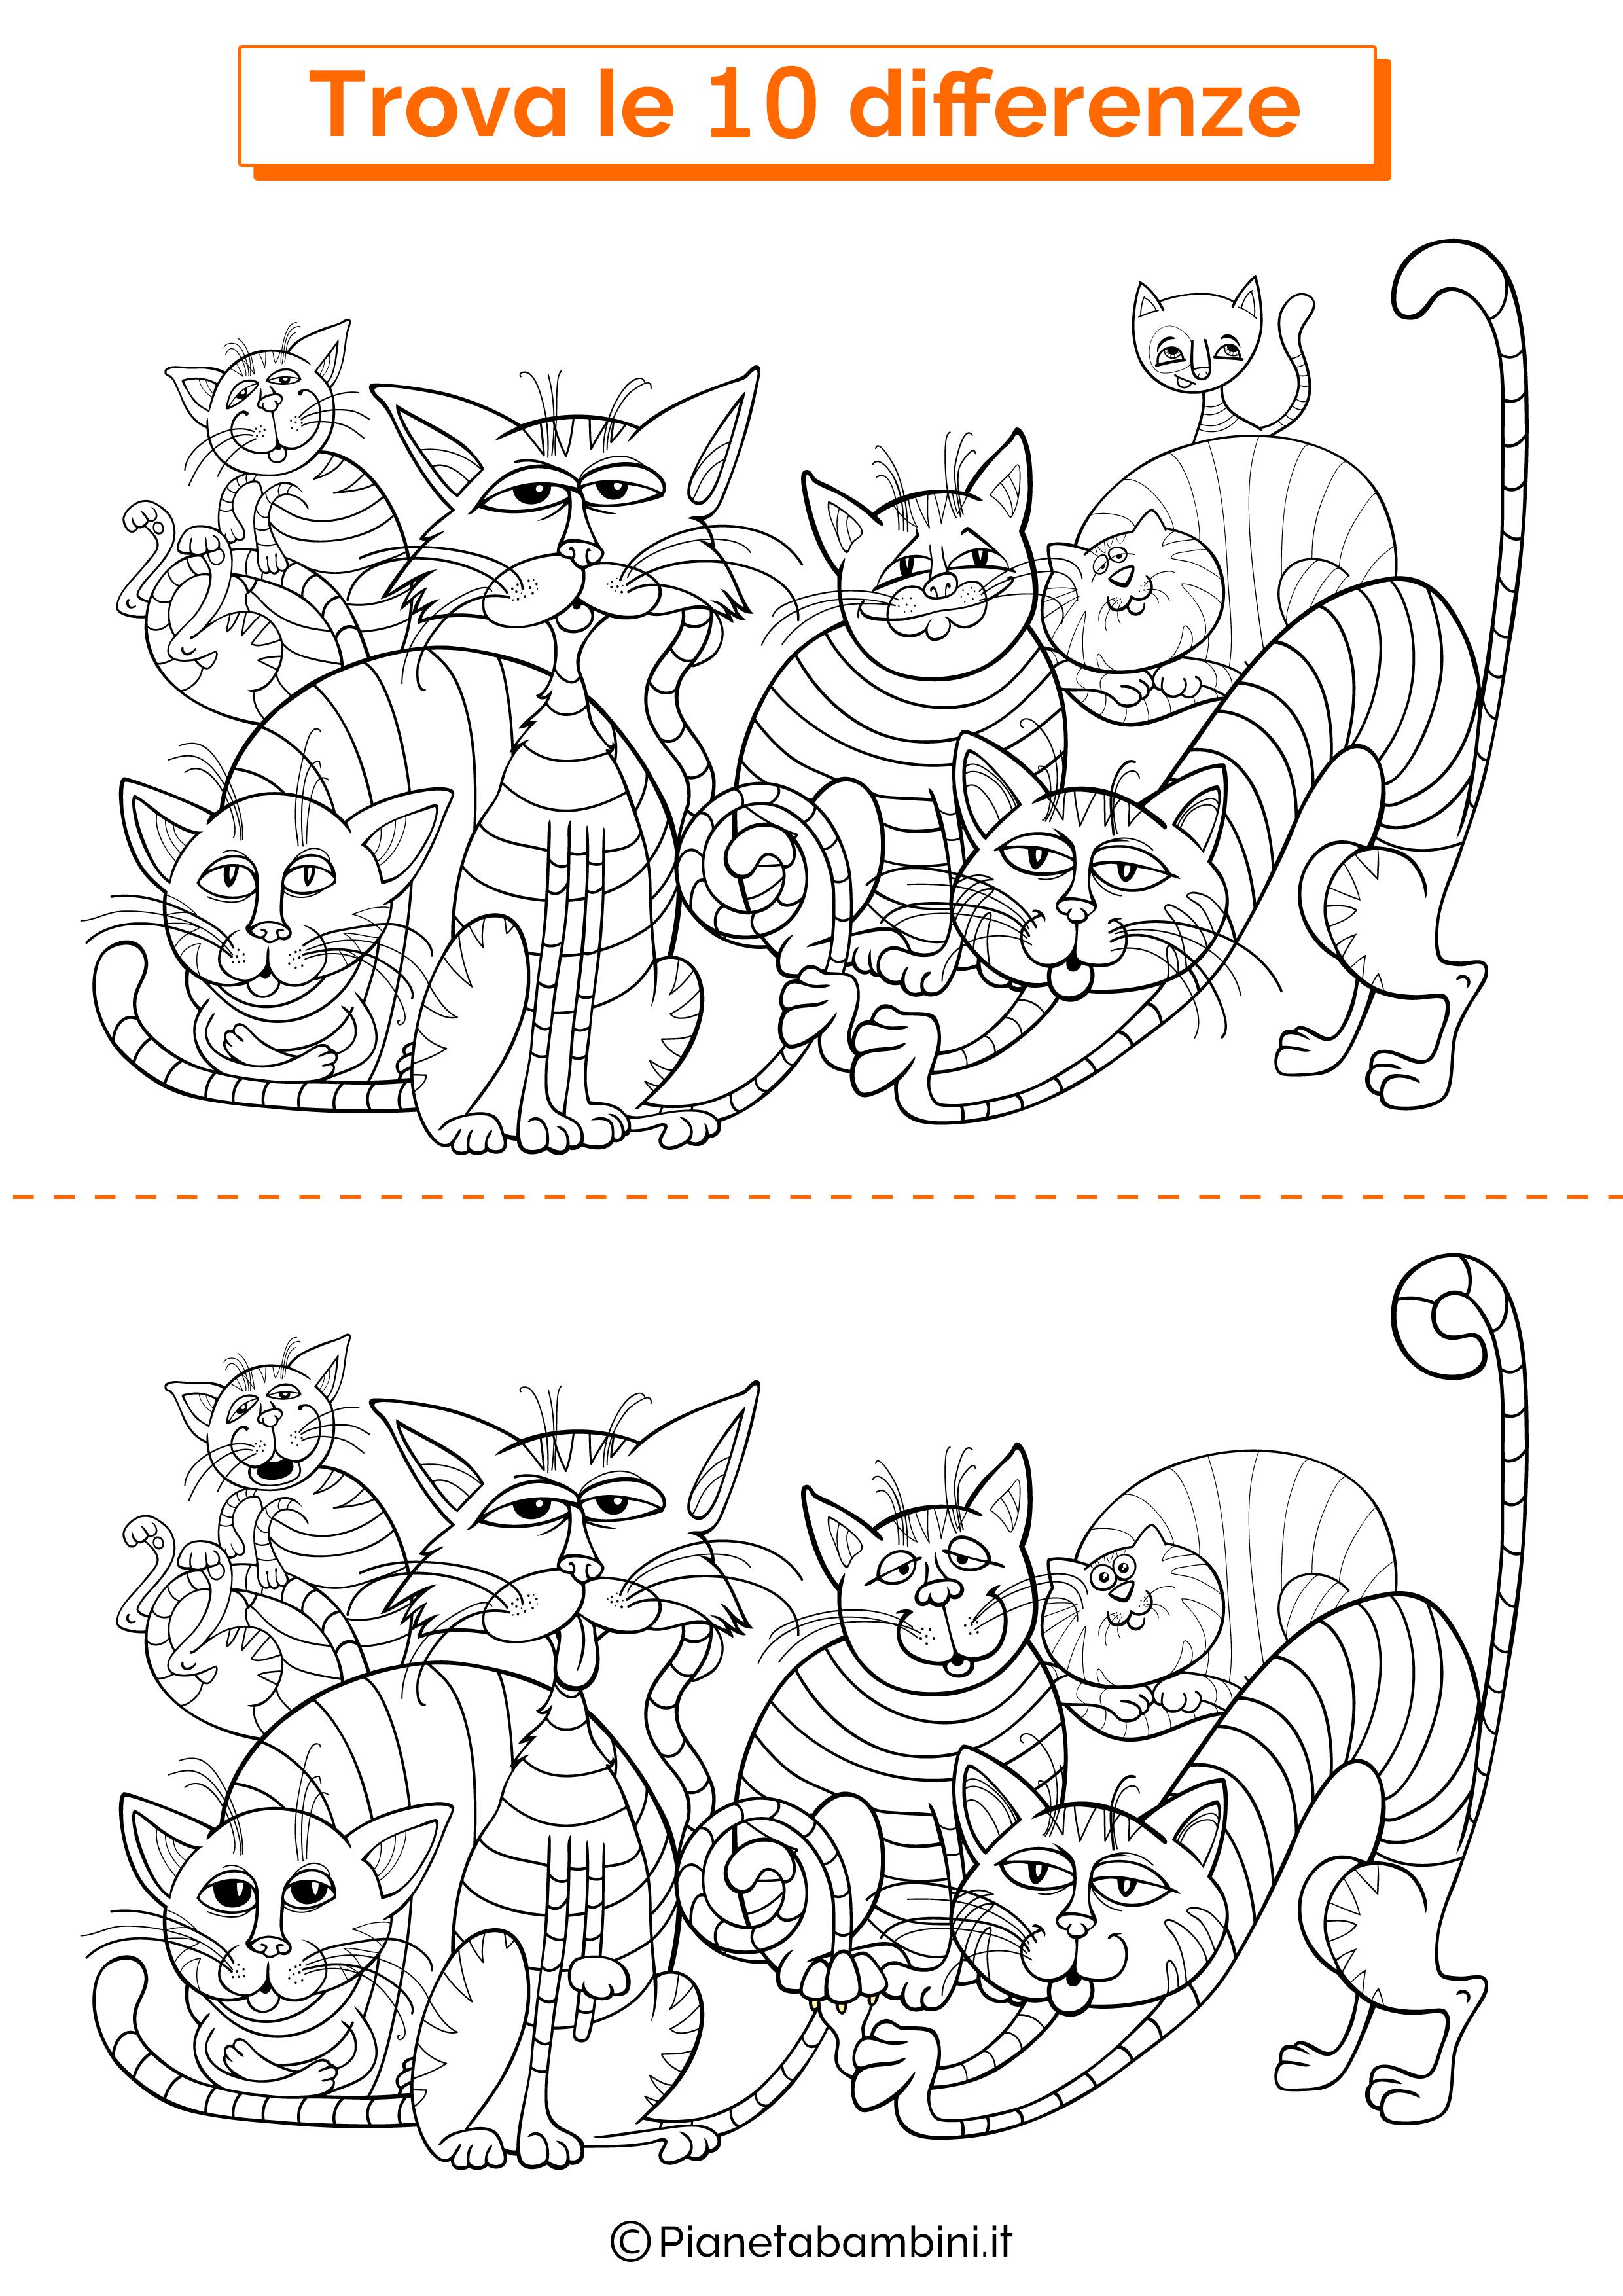 Disegno trova 10 differenze gatti 1